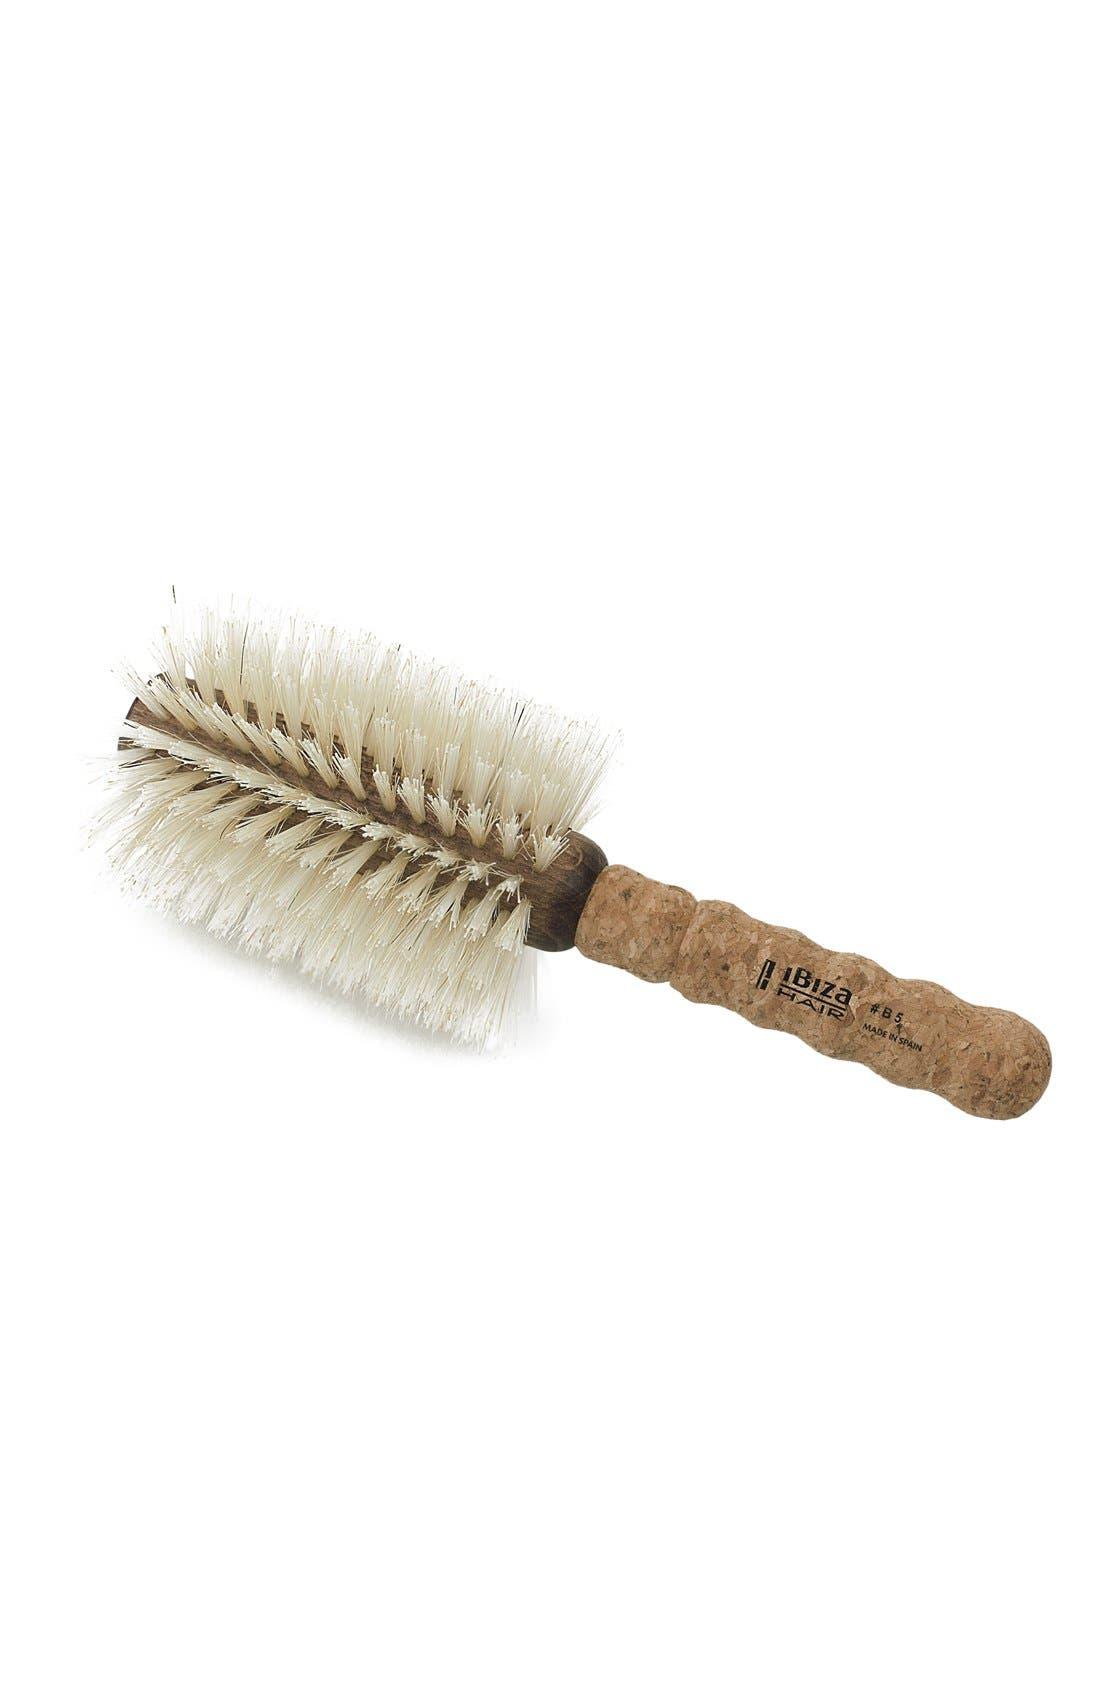 Main Image - Ibiza Hair B5 Blonde Extended Cork Round Brush (Extra Large)